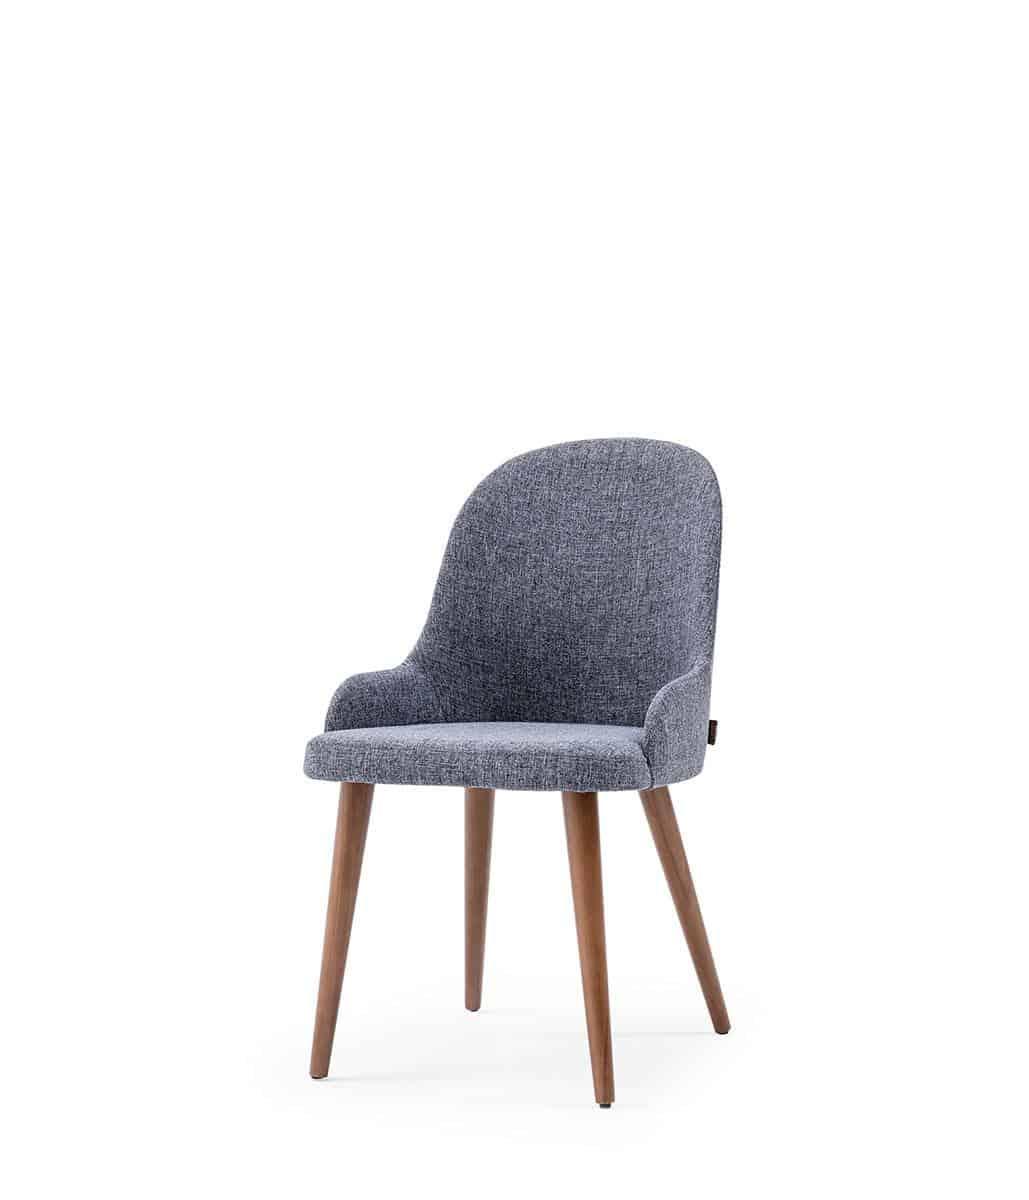 urun-roma-sandalye-01